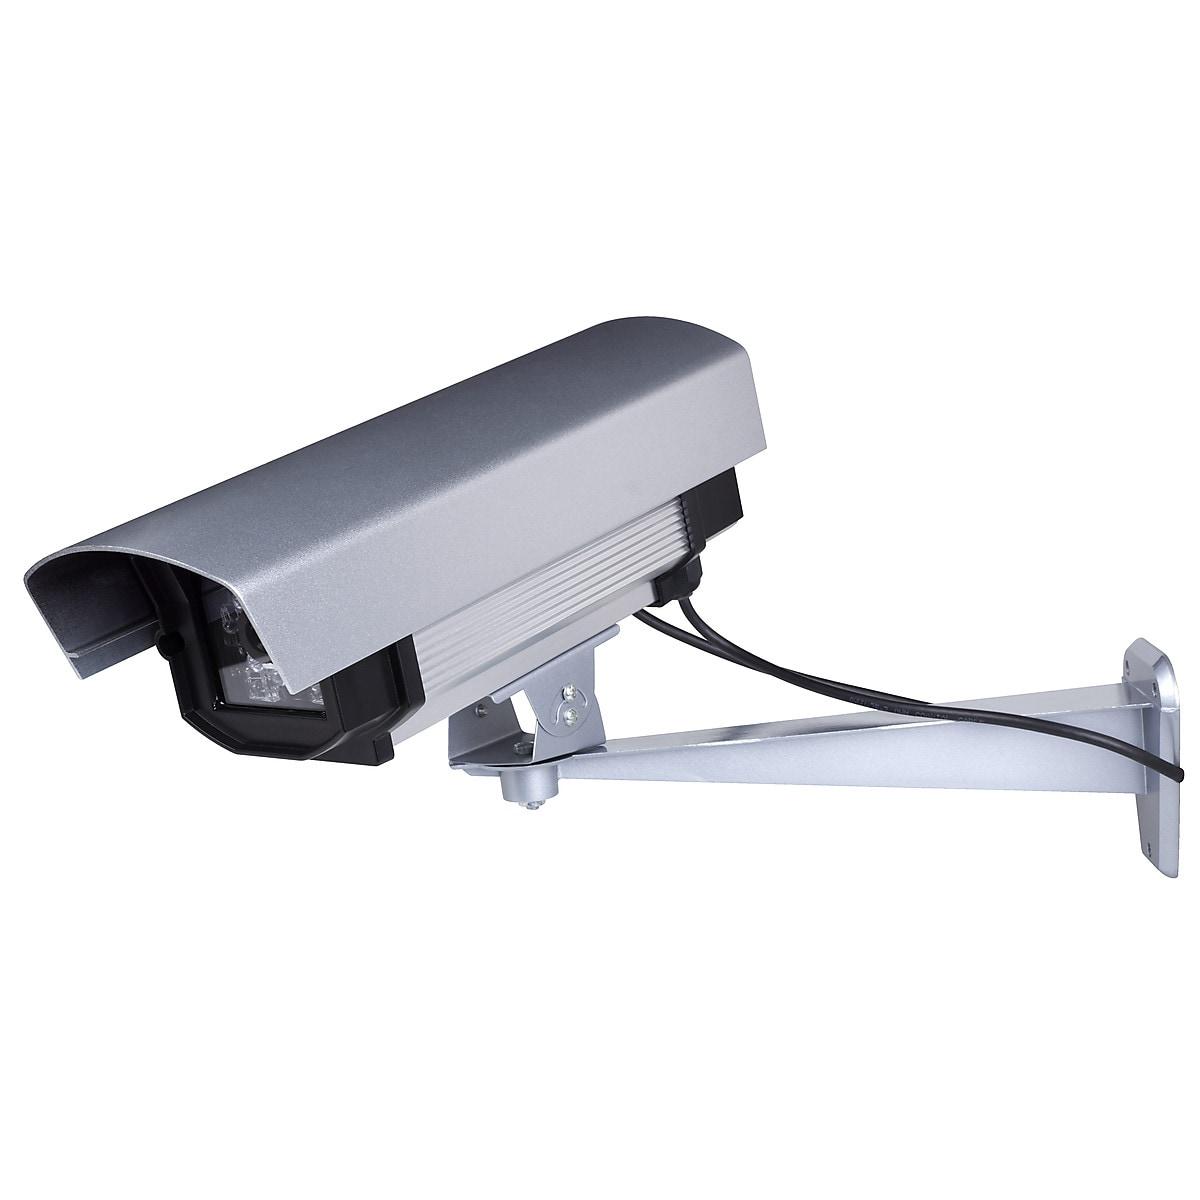 Dummy overvåkningskamera